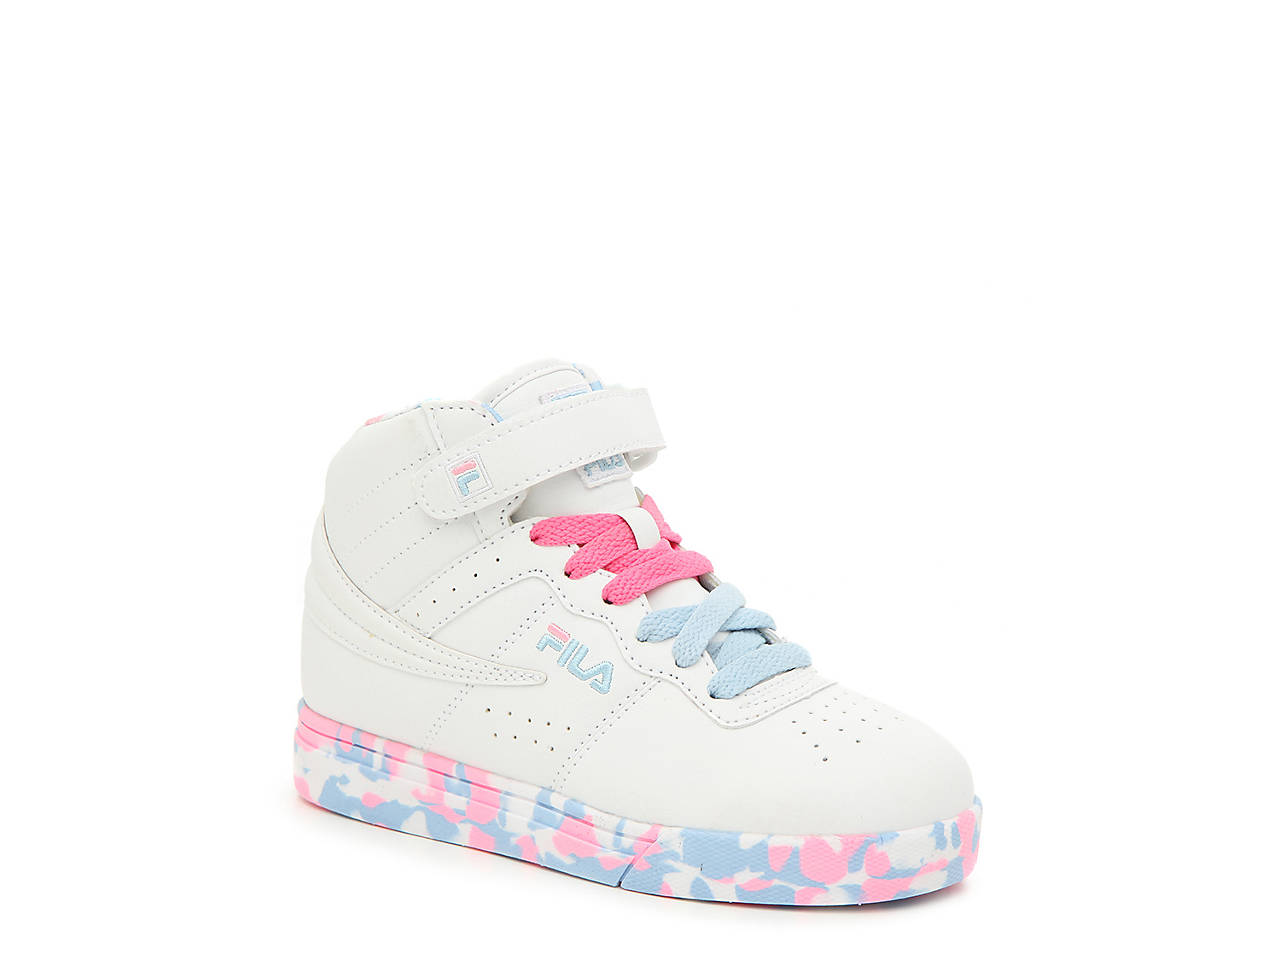 82f0ec7fe060 Fila Vulc 3 Mashup Toddler   Youth High-Top Sneaker Kids Shoes